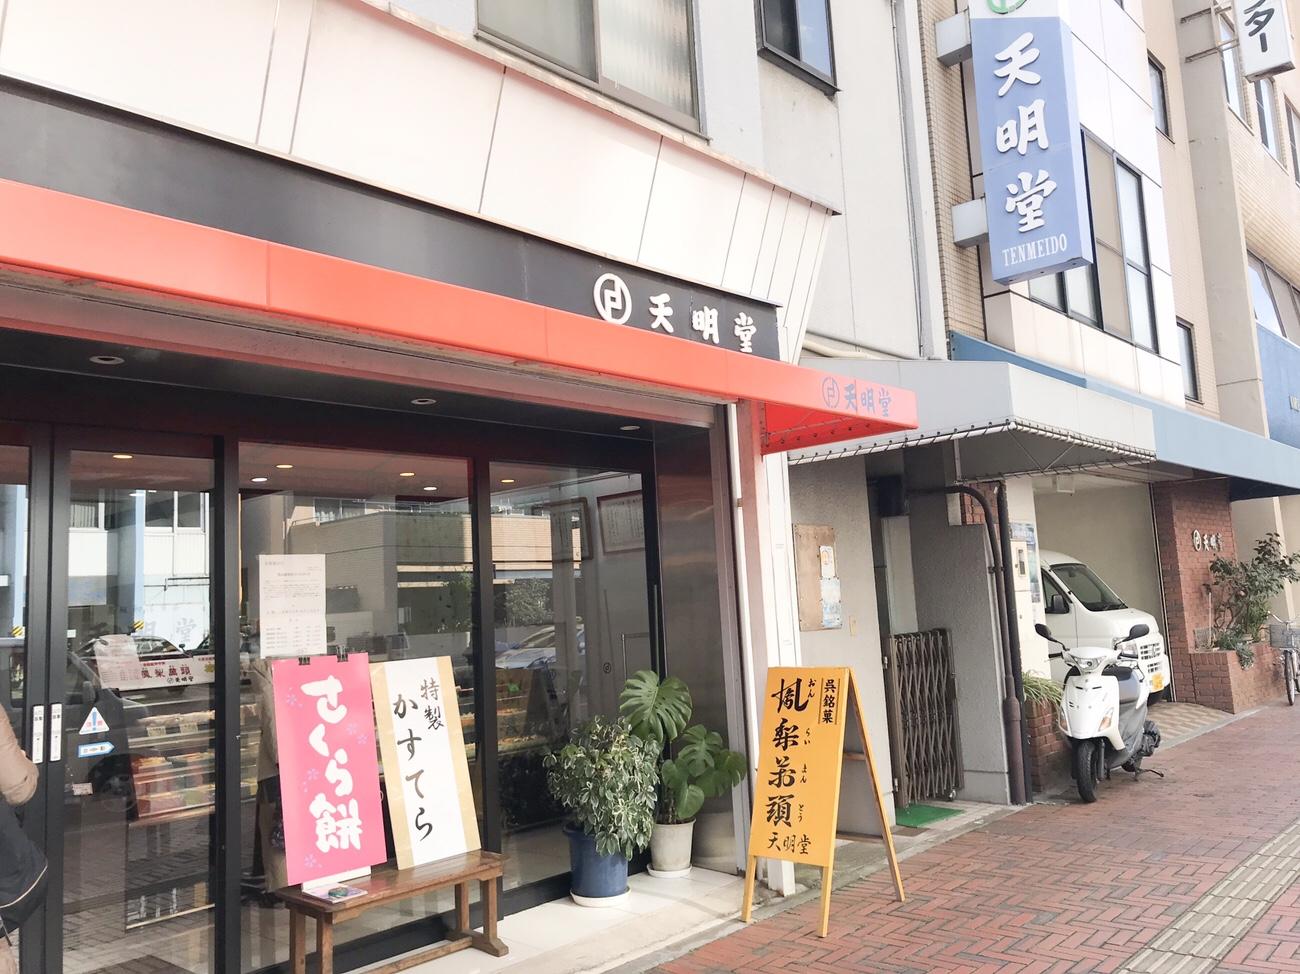 天明堂の鳳梨饅頭(おんらいまんとう) 店舗